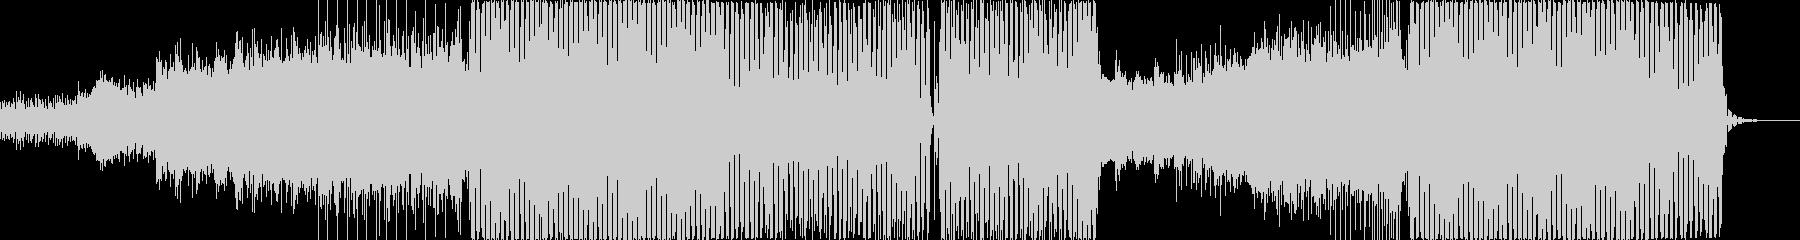 レトロフューチャーな80`sシンセポップの未再生の波形